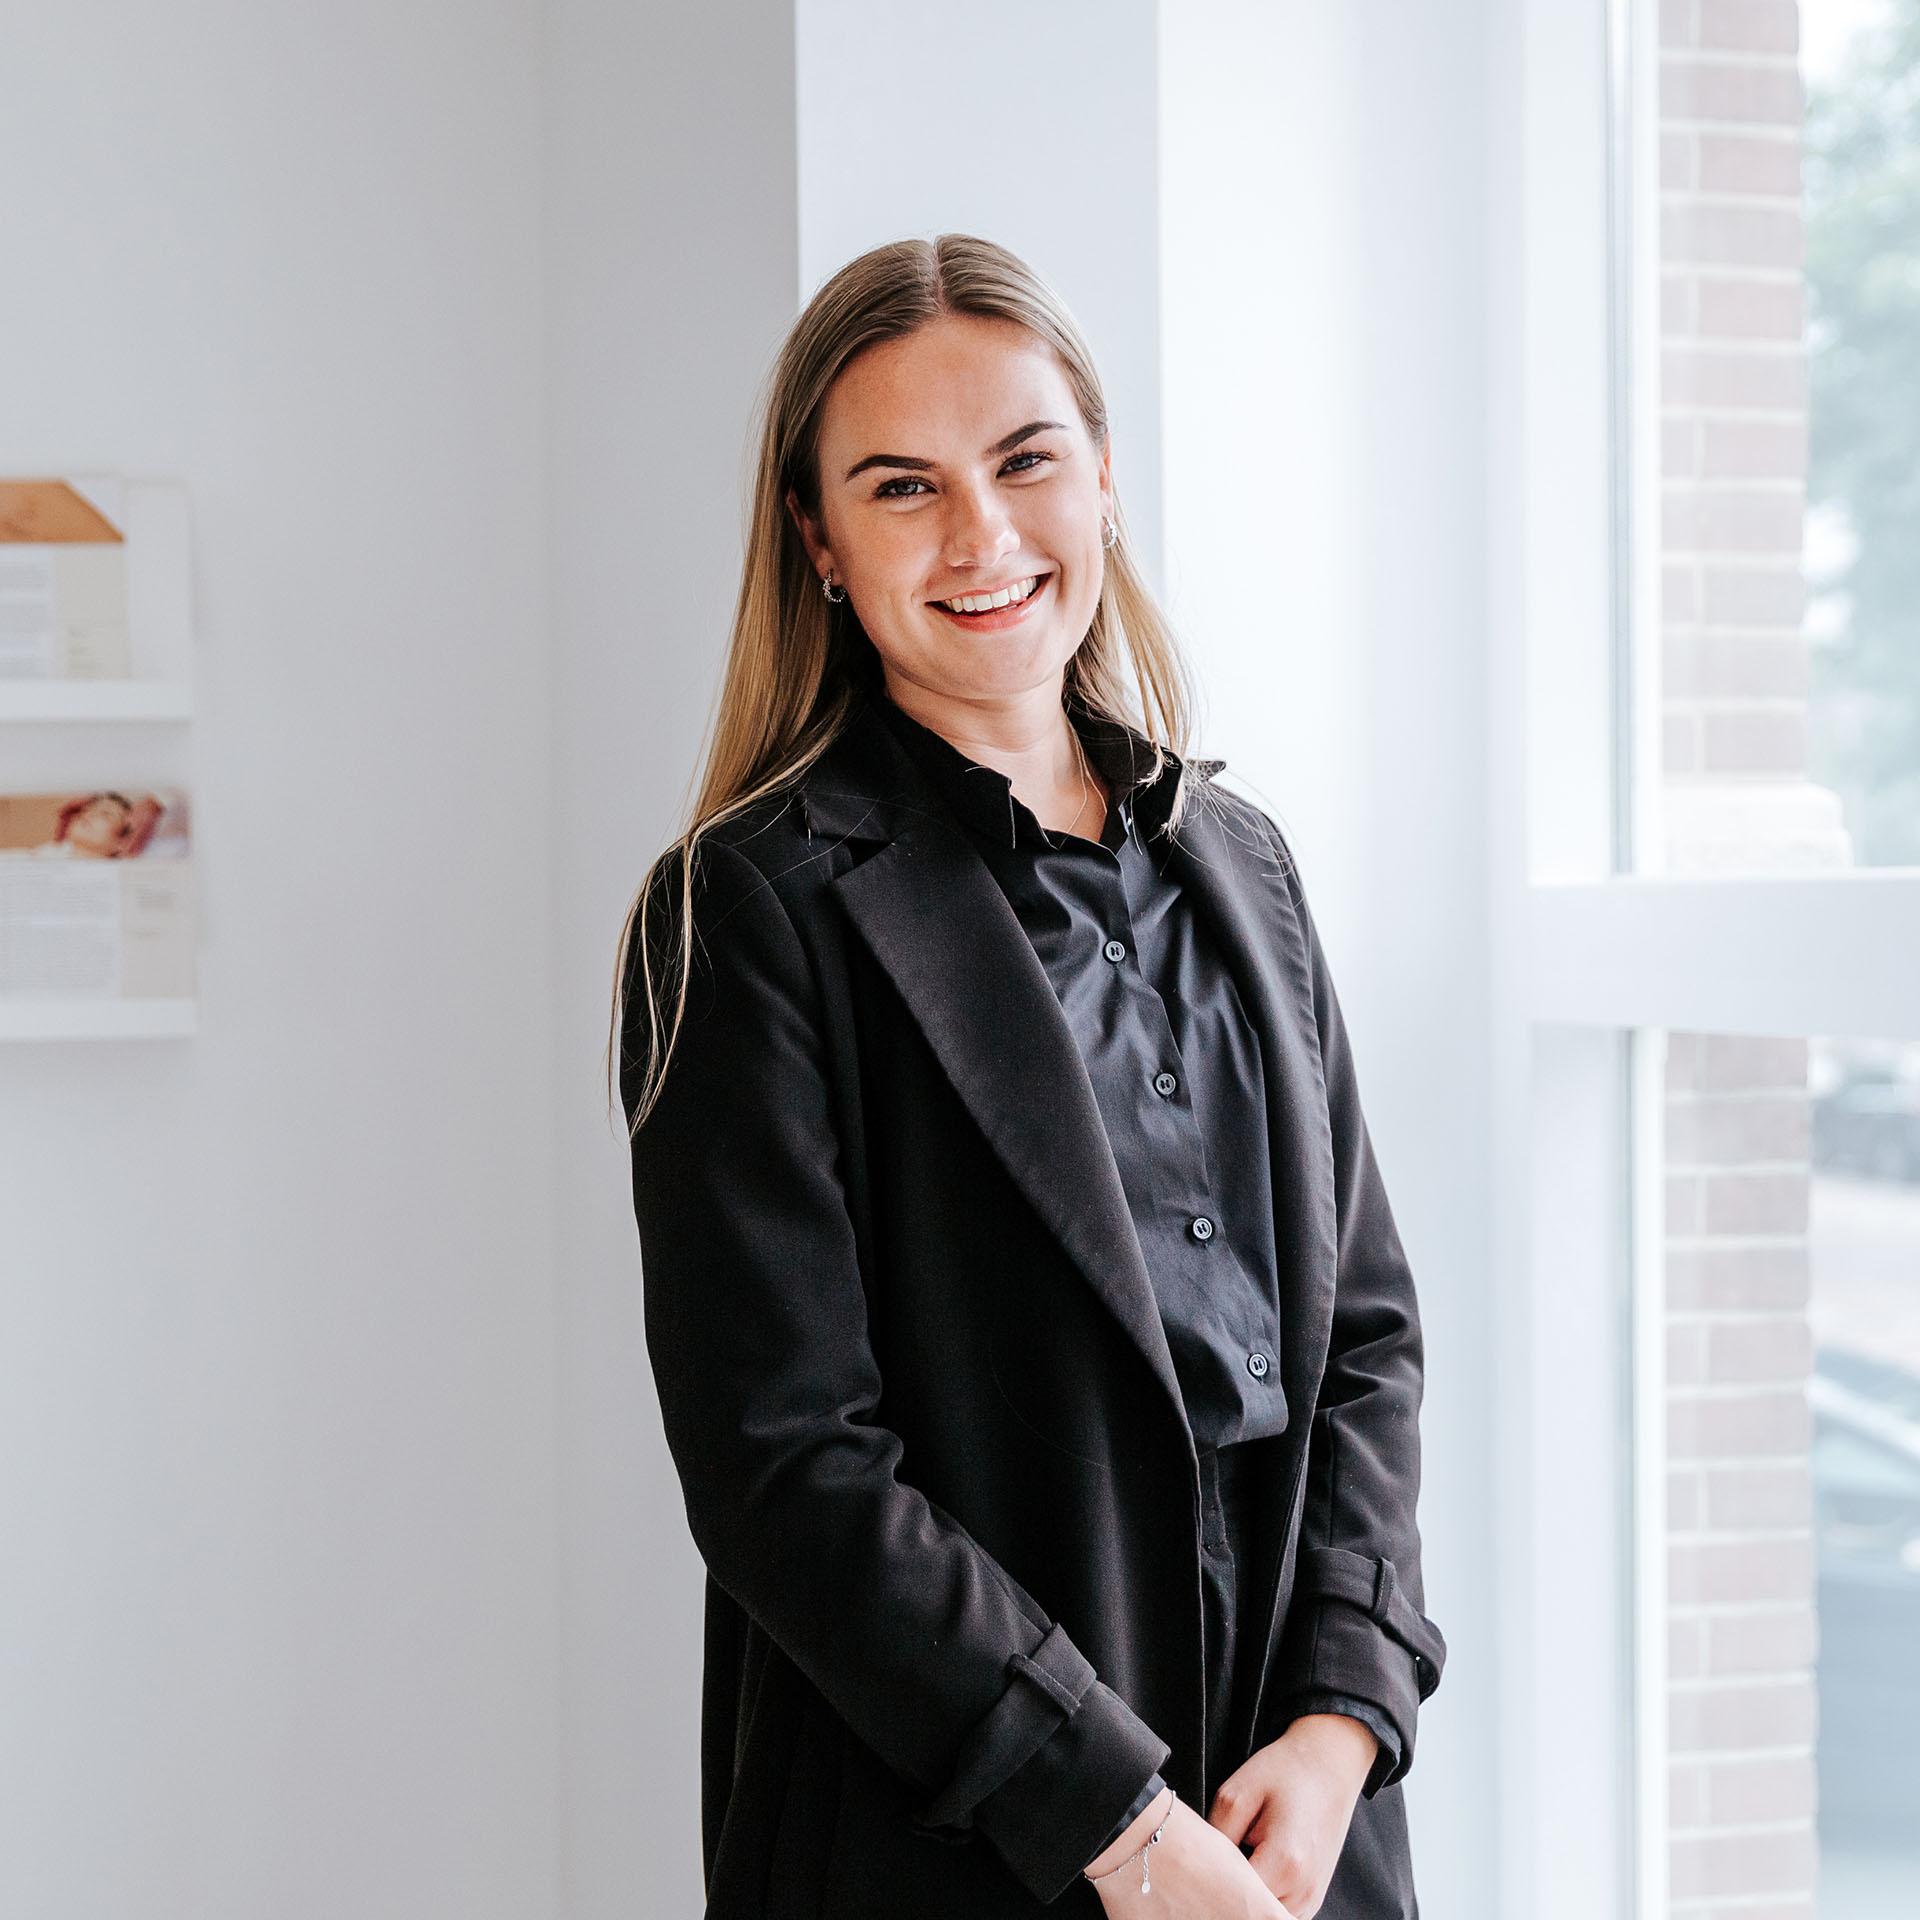 Pure-Clinics-Britt-van-Weelden-receptioniste